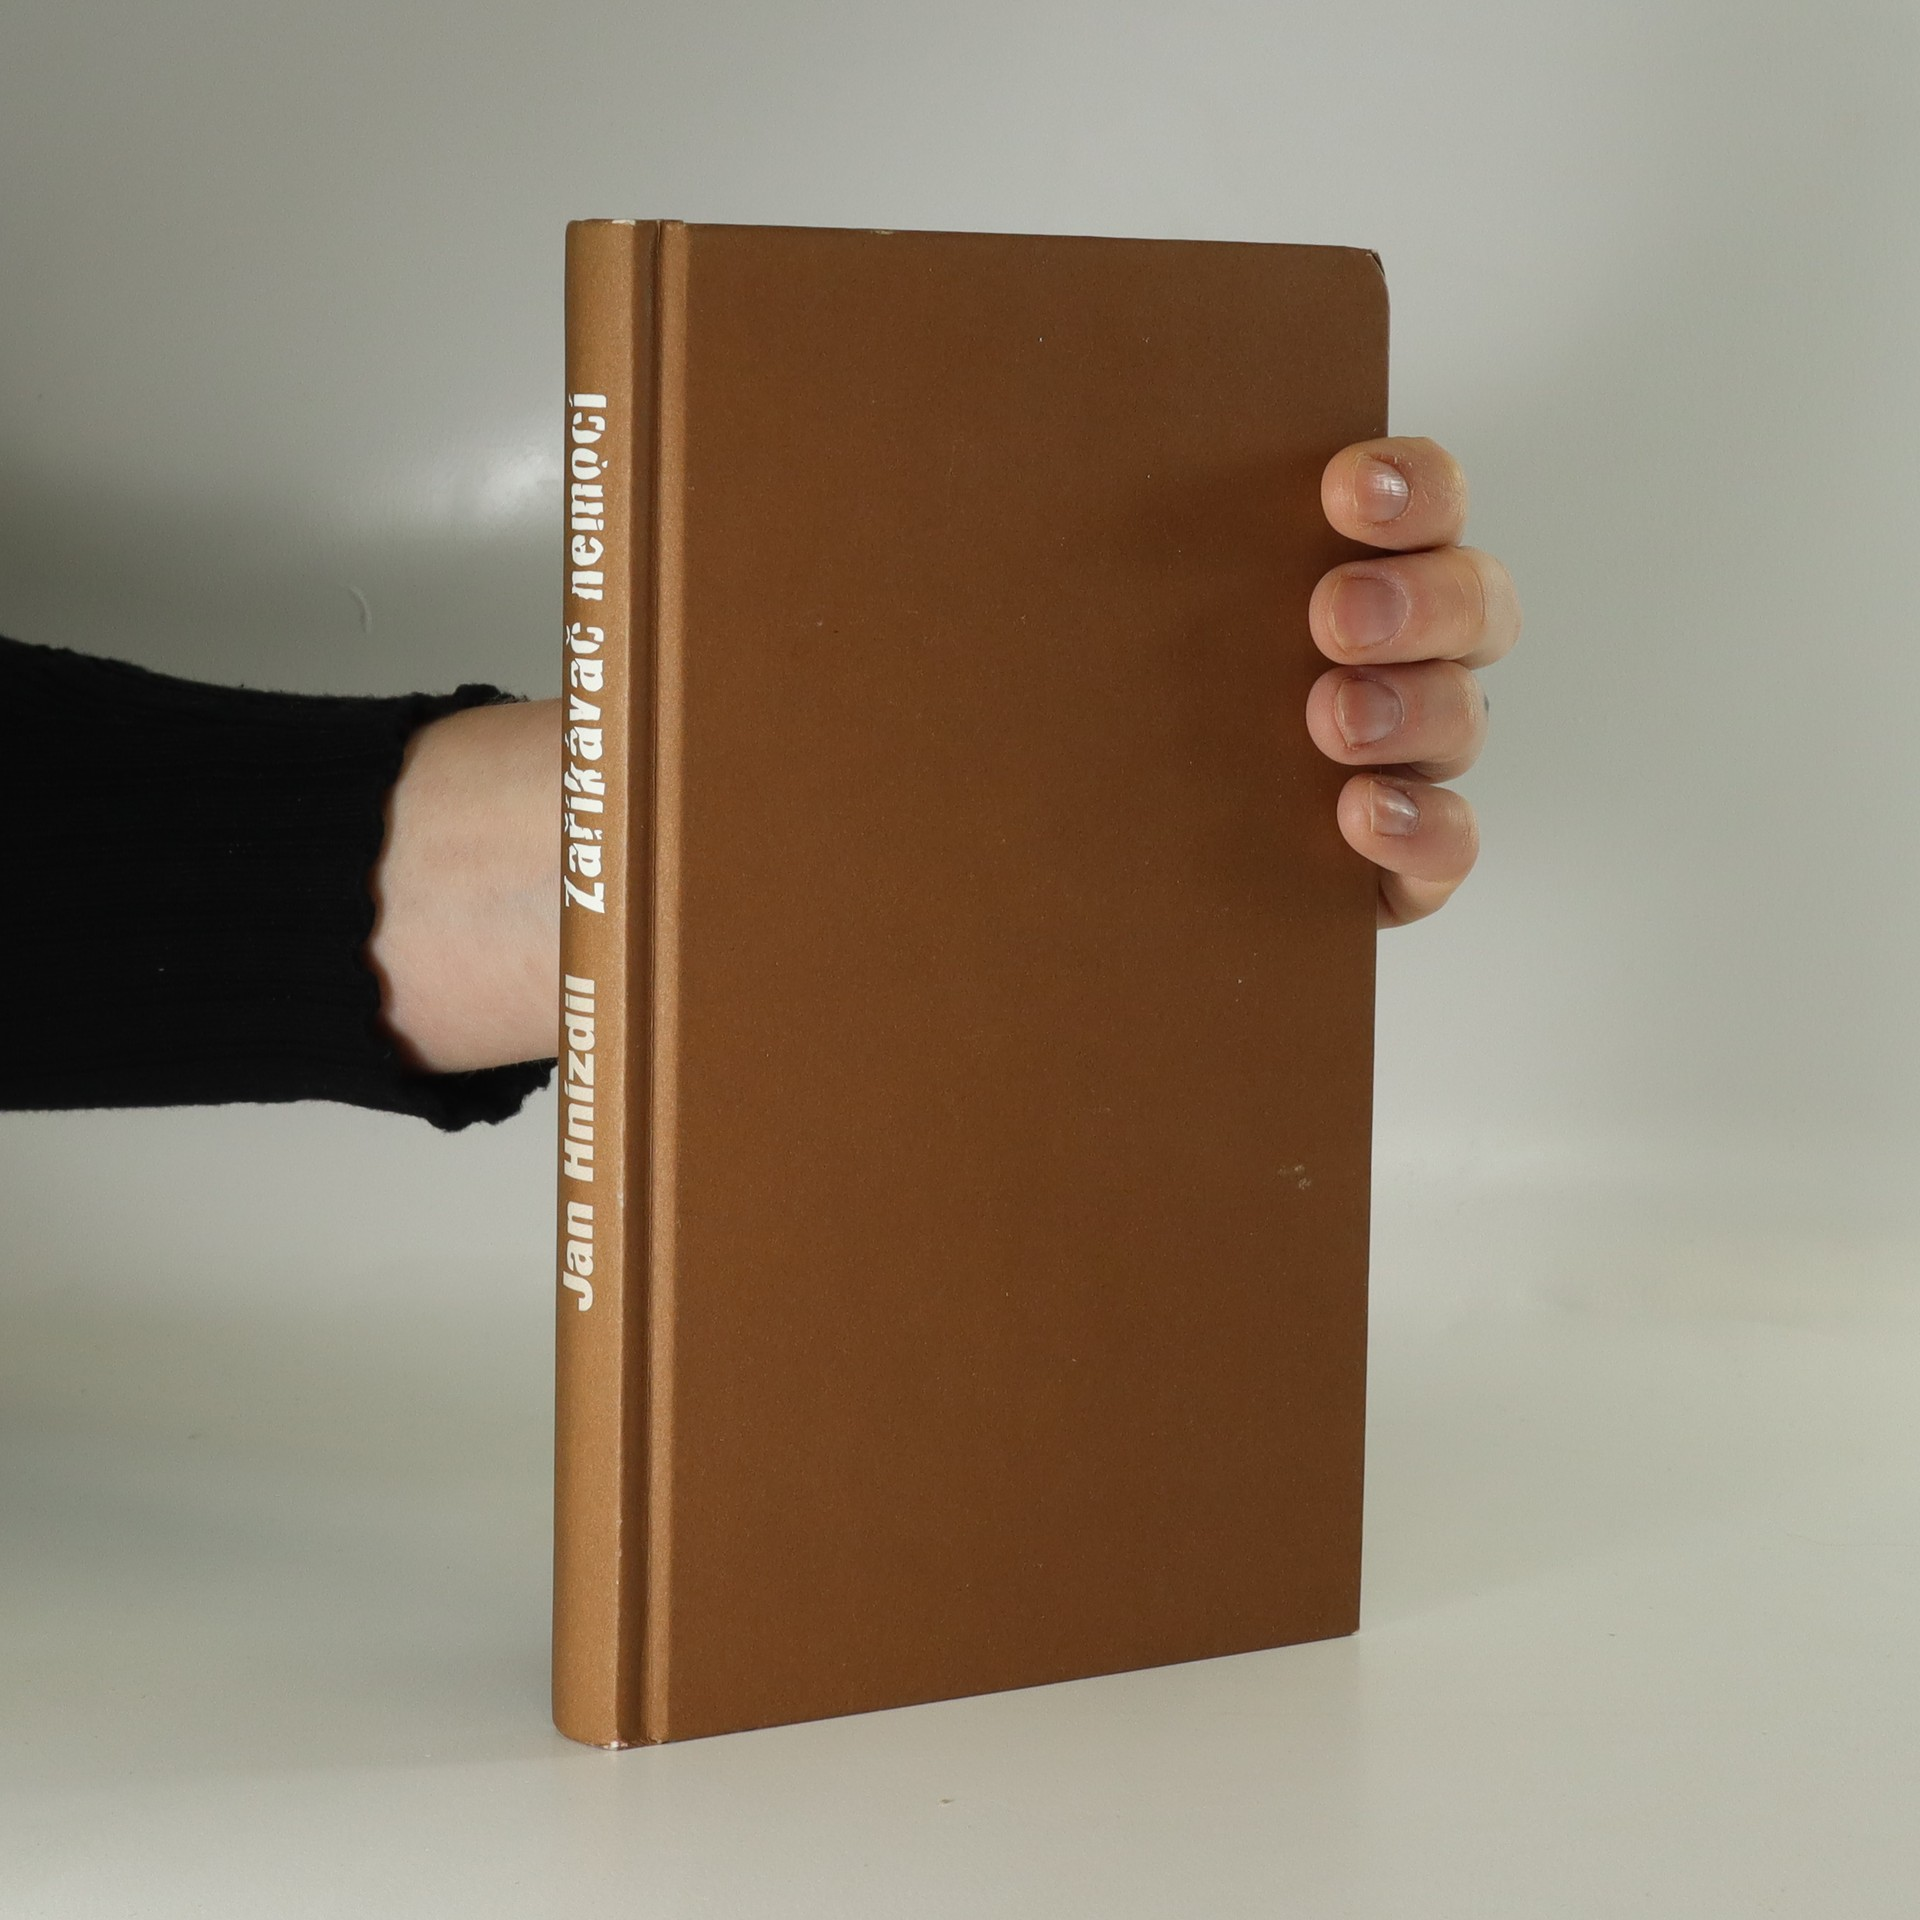 antikvární kniha Zaříkávač nemocí. Chcete se léčit, nebo uzdravit?, 2014